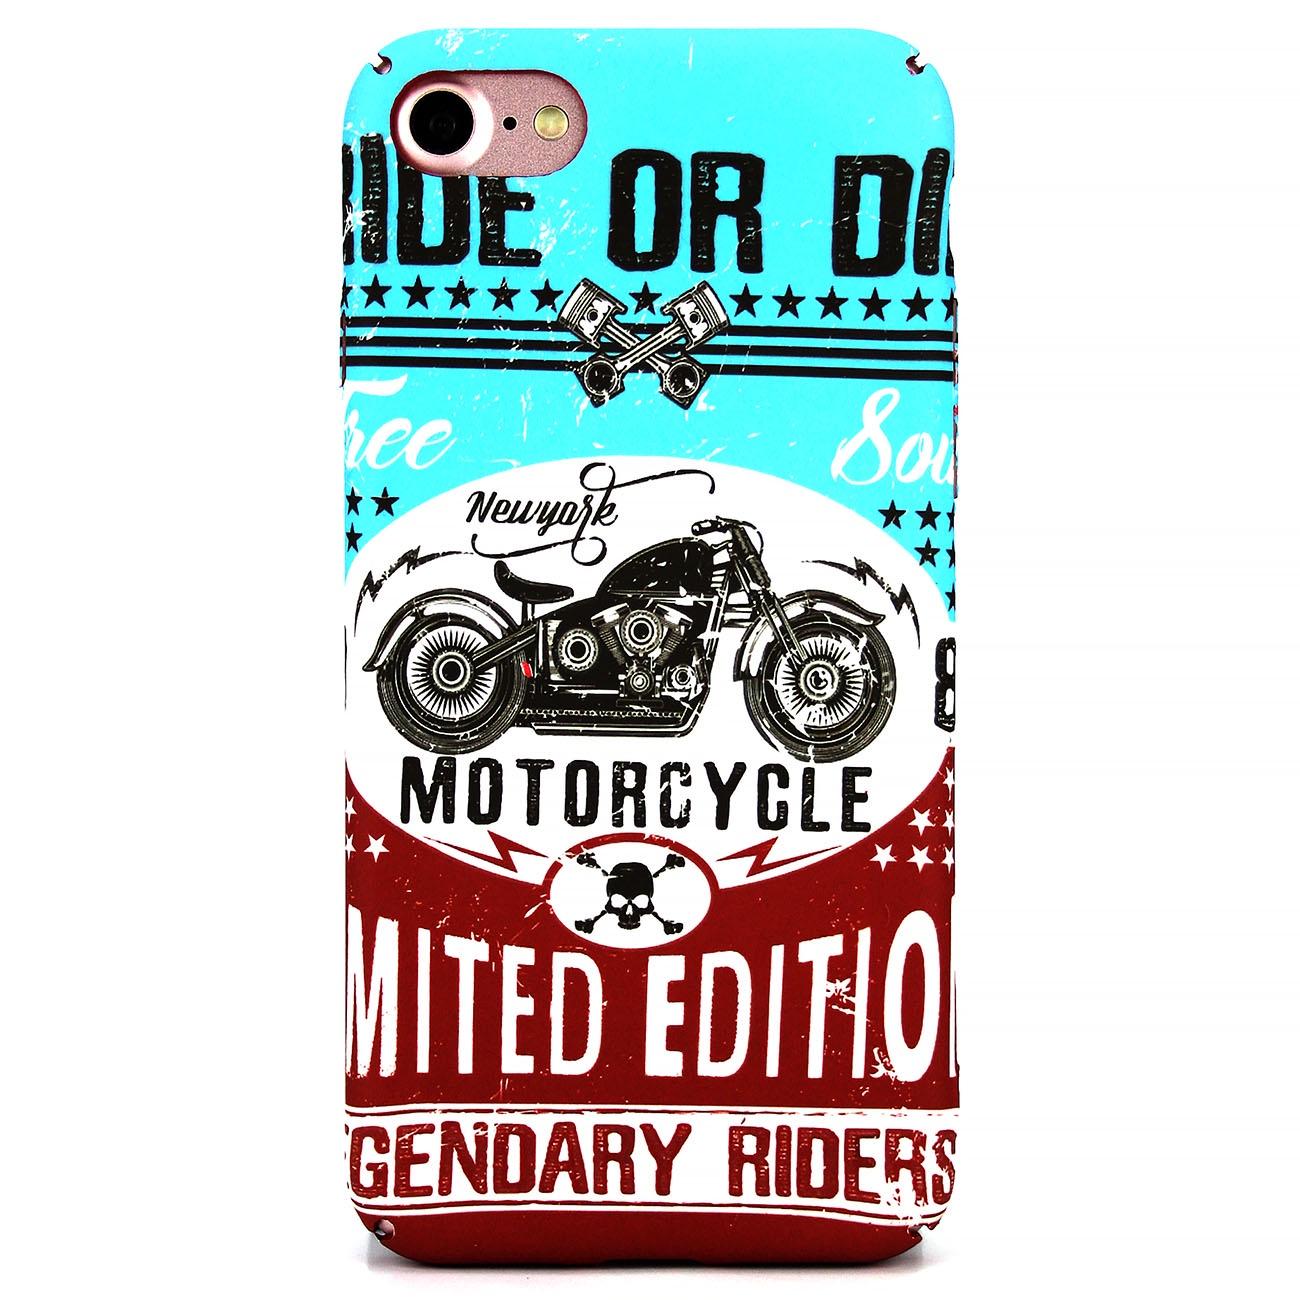 Чехол для сотового телефона MI,BS iPhone 7/8 Motorcycle, голубой, бордовый, белый